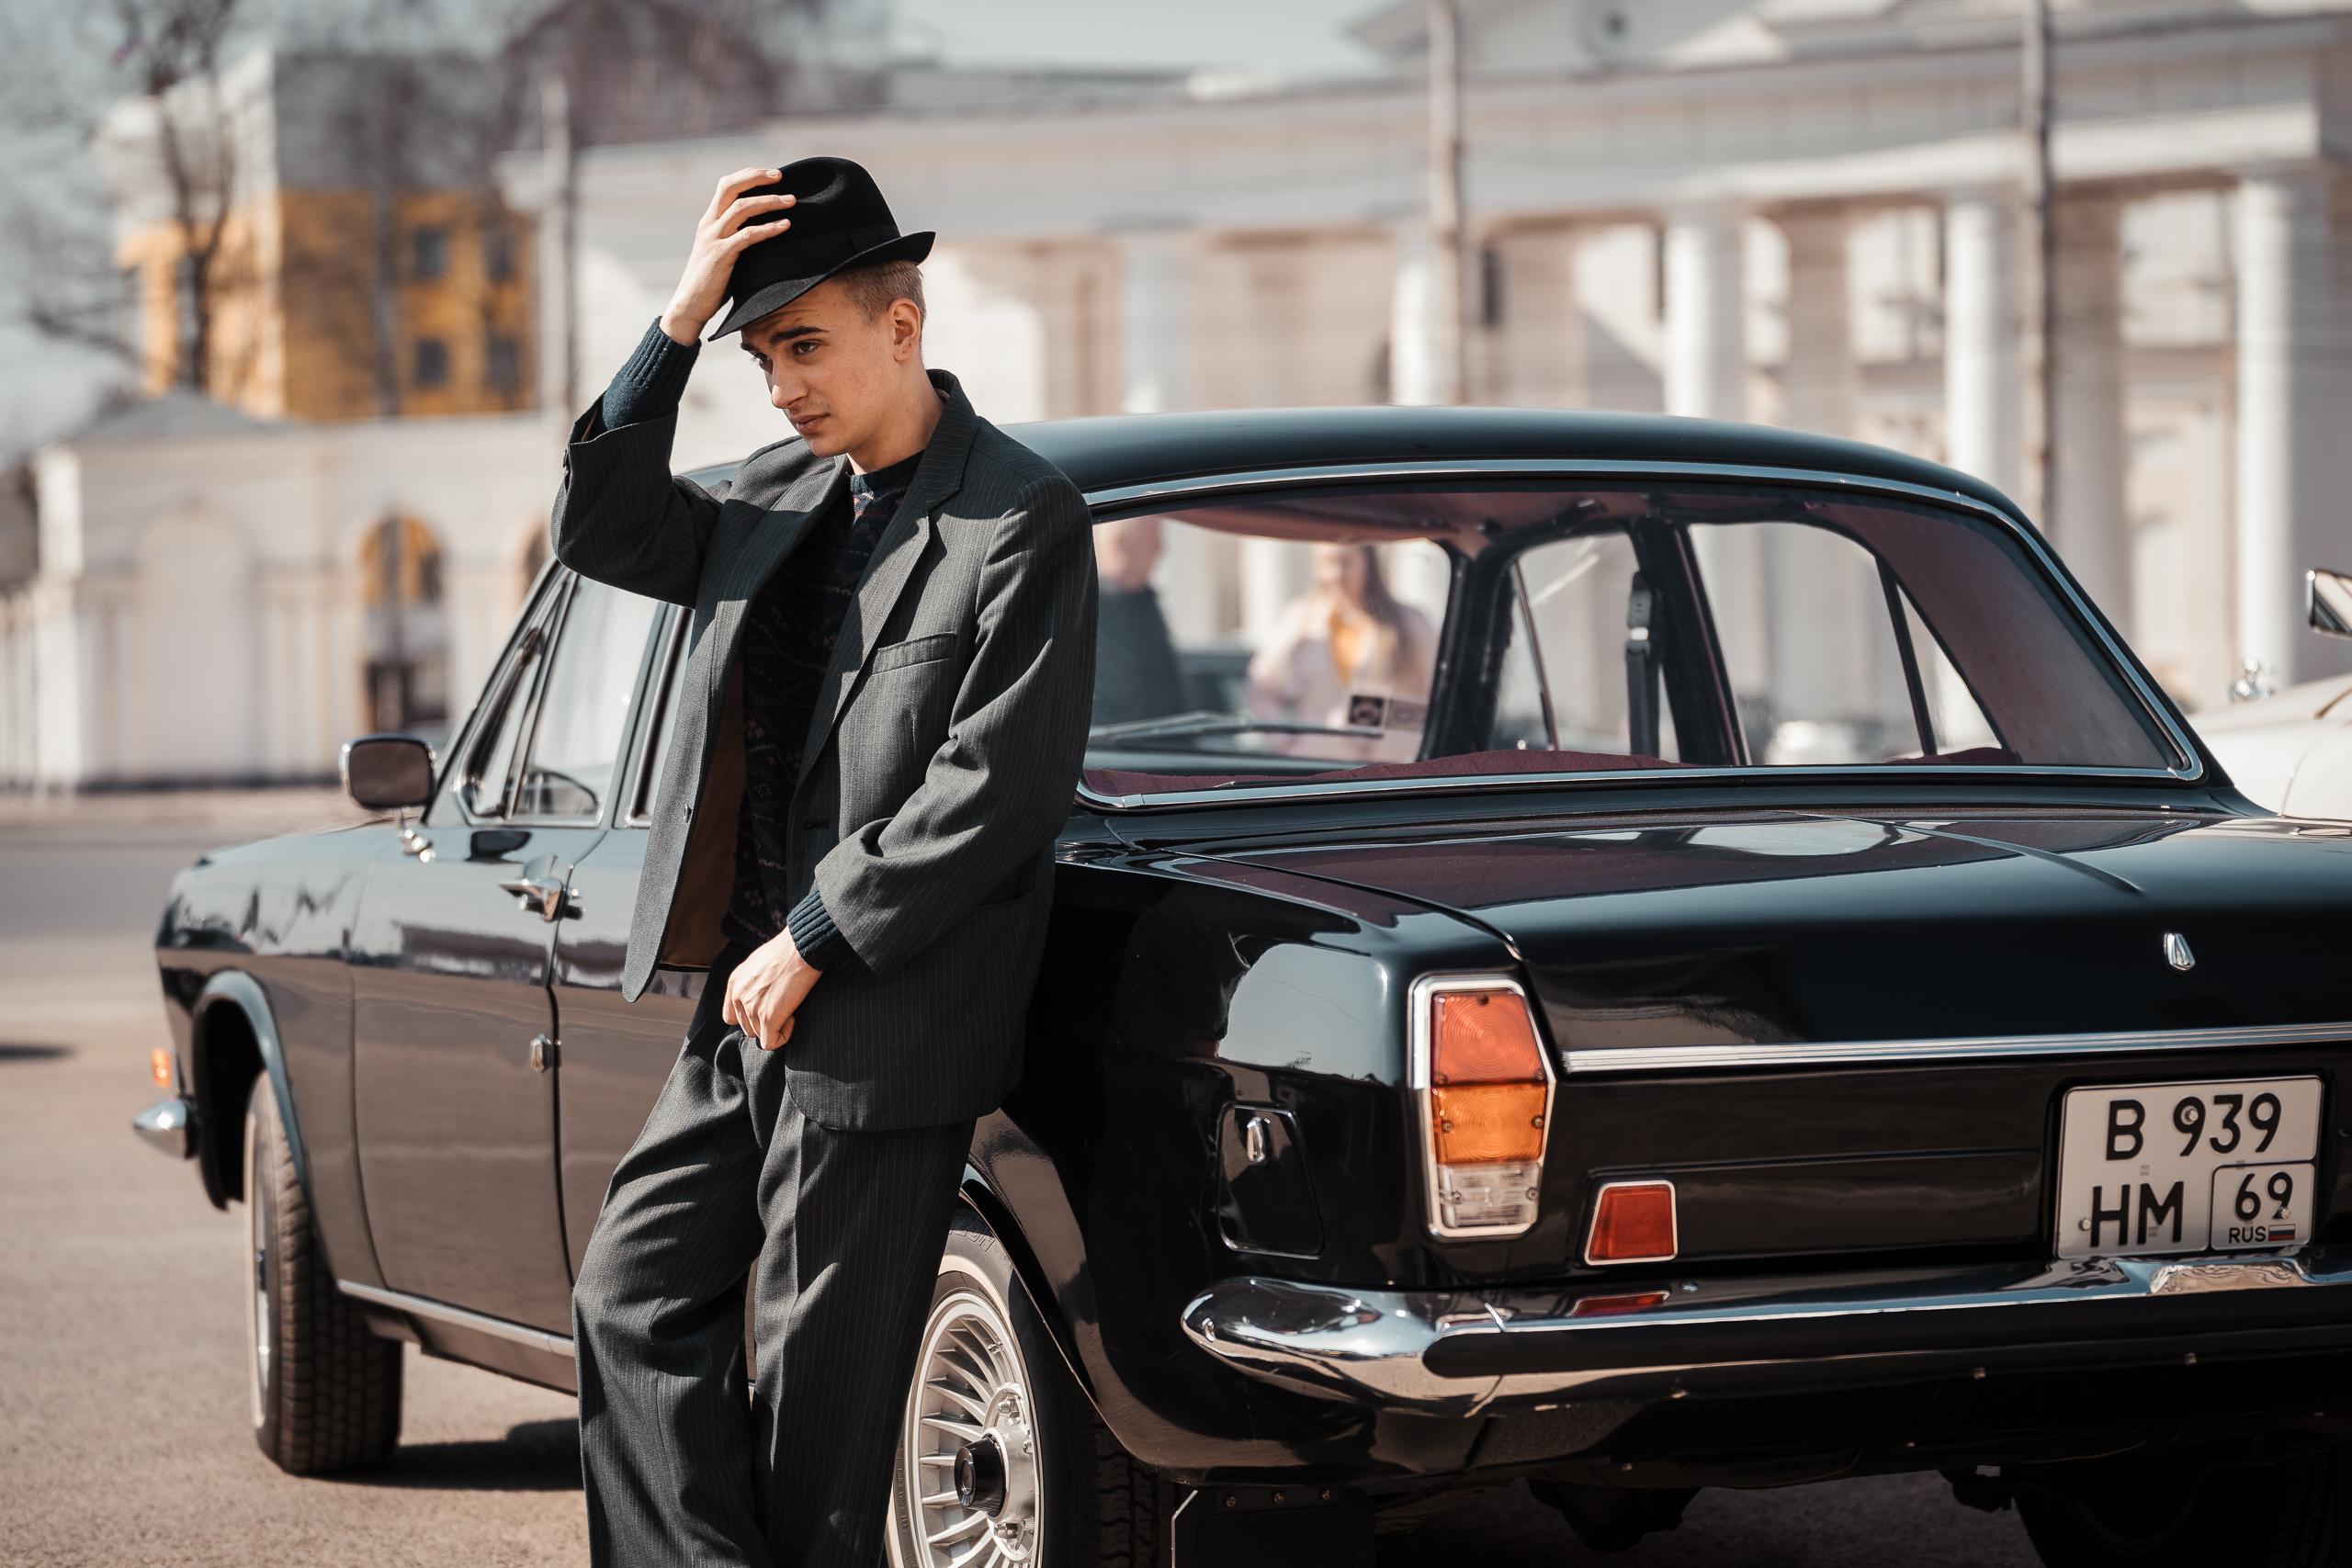 Жителям Тверской области напомнили, как подготовить автомобиль к дальней поездке